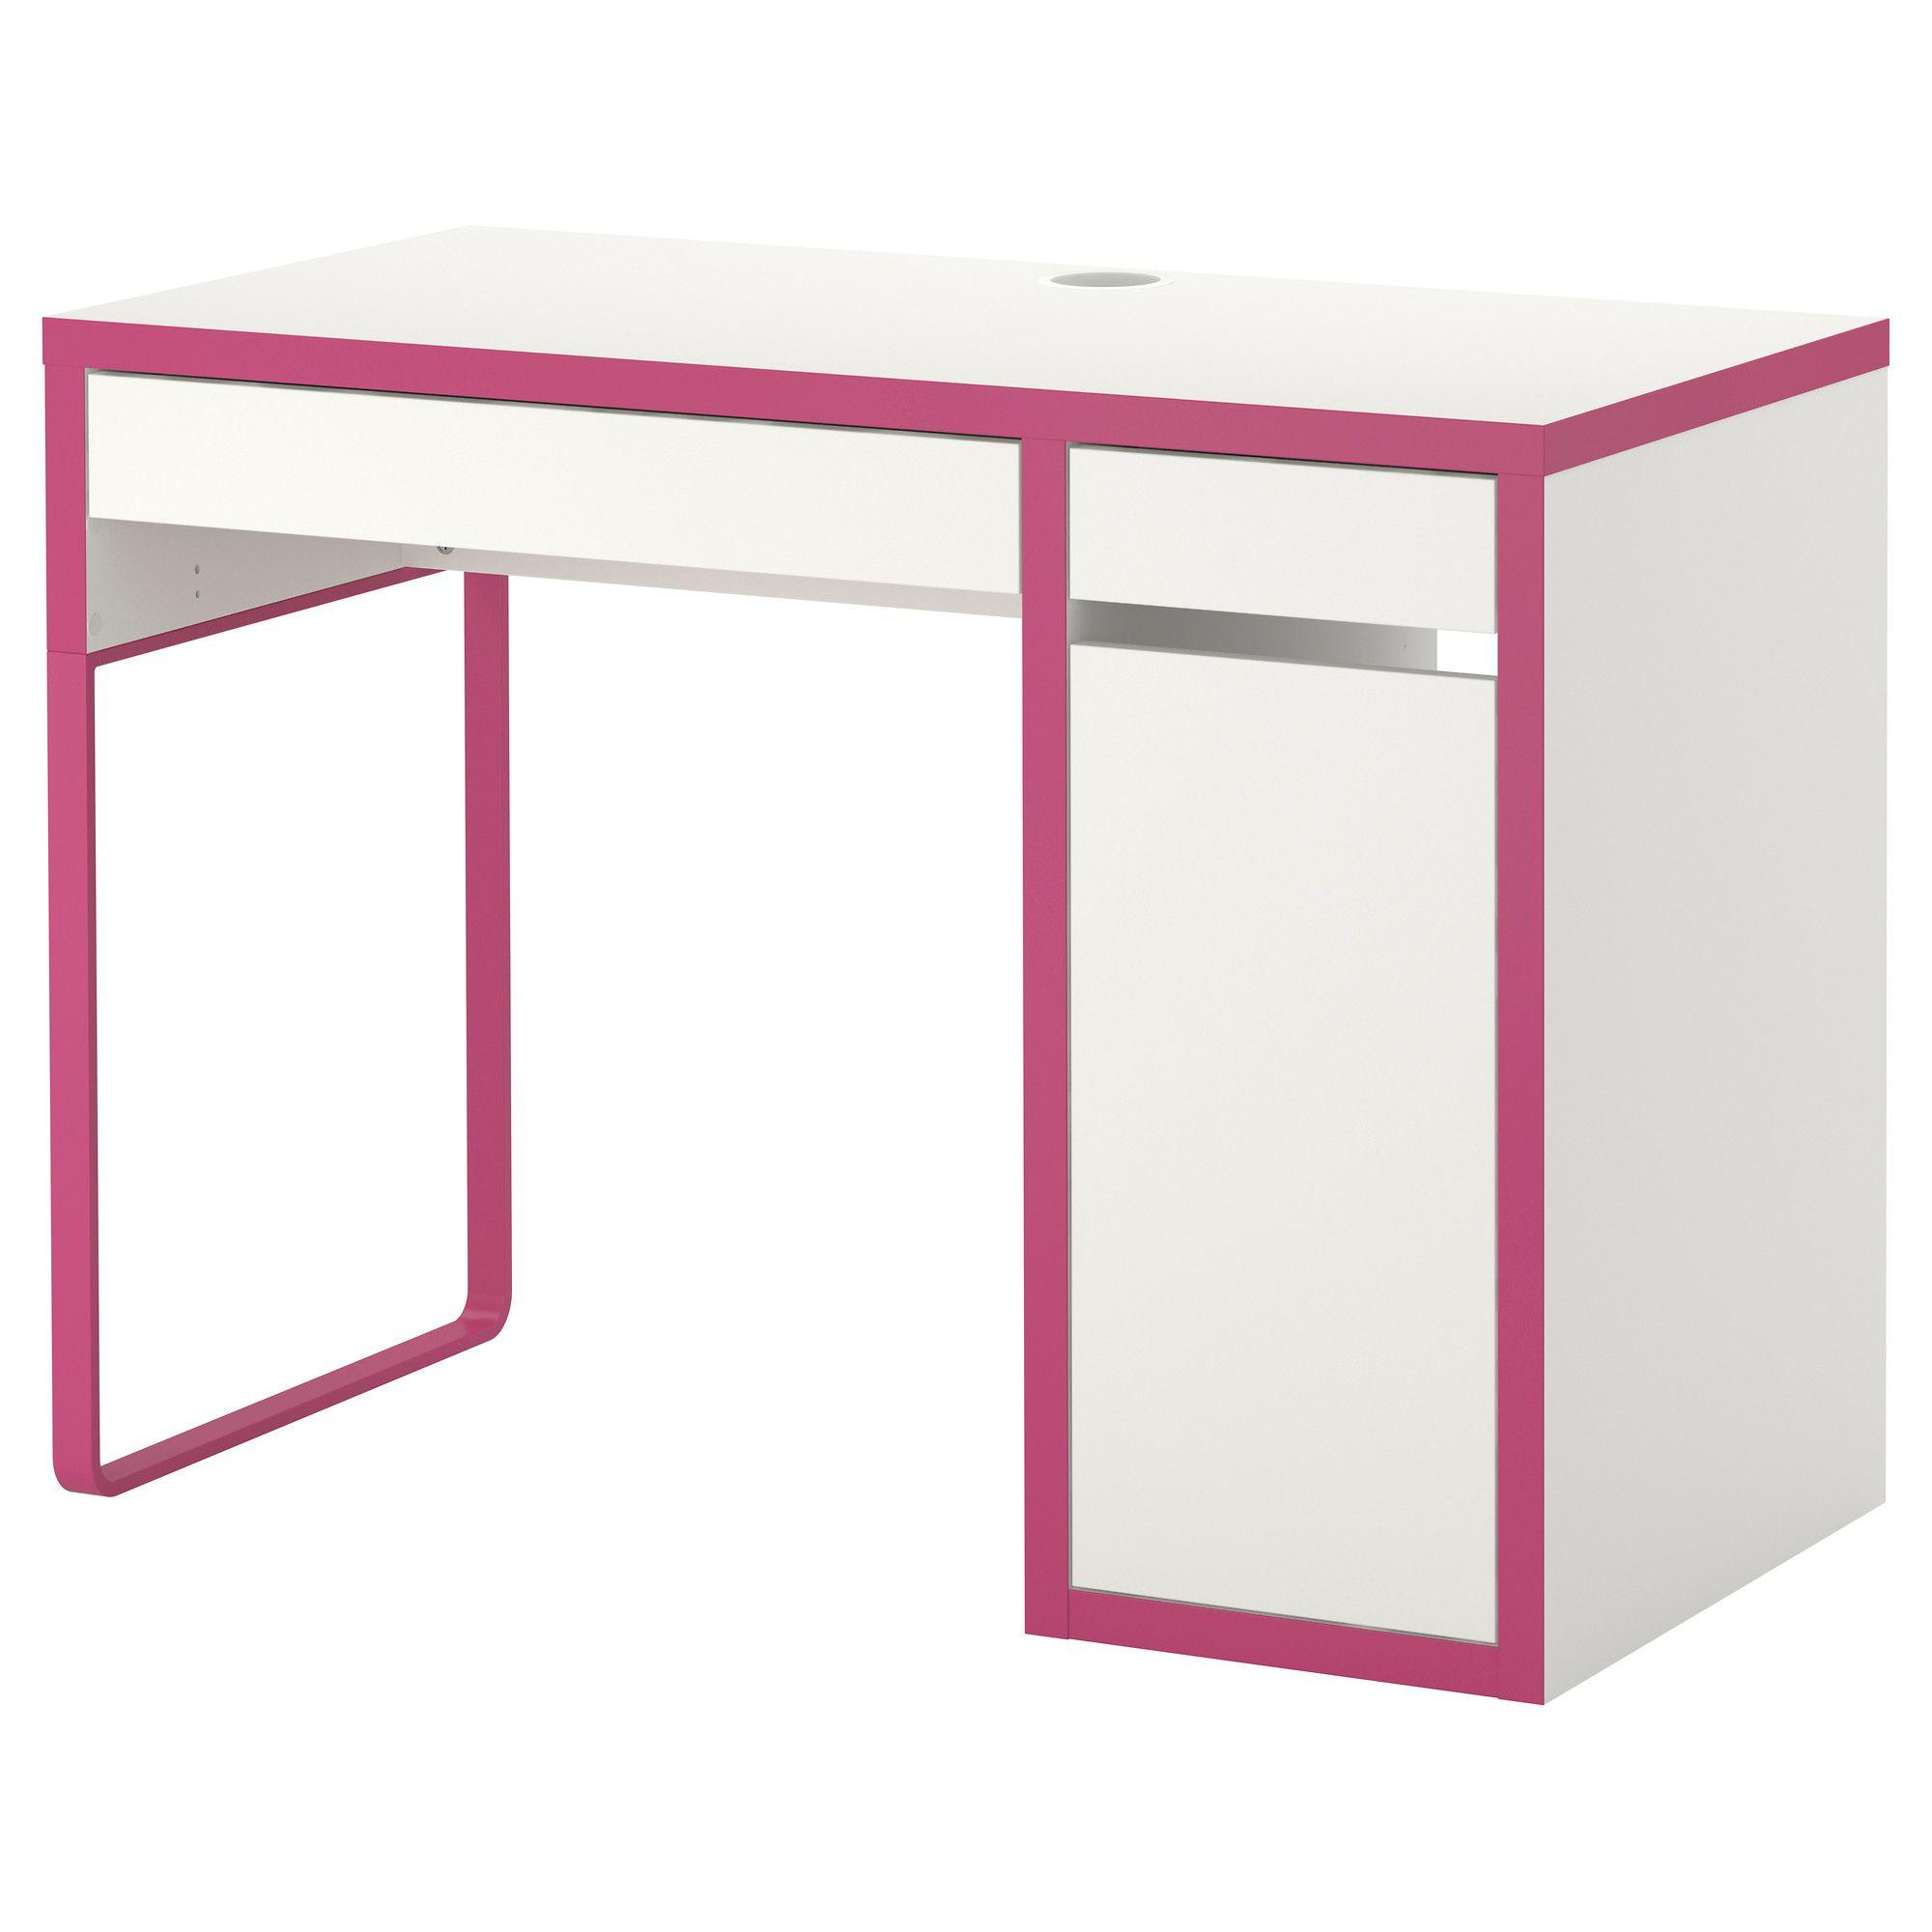 Ikea Micke Bureau.Meubels Decoratie My Fabolous Appartment Micke Desk White